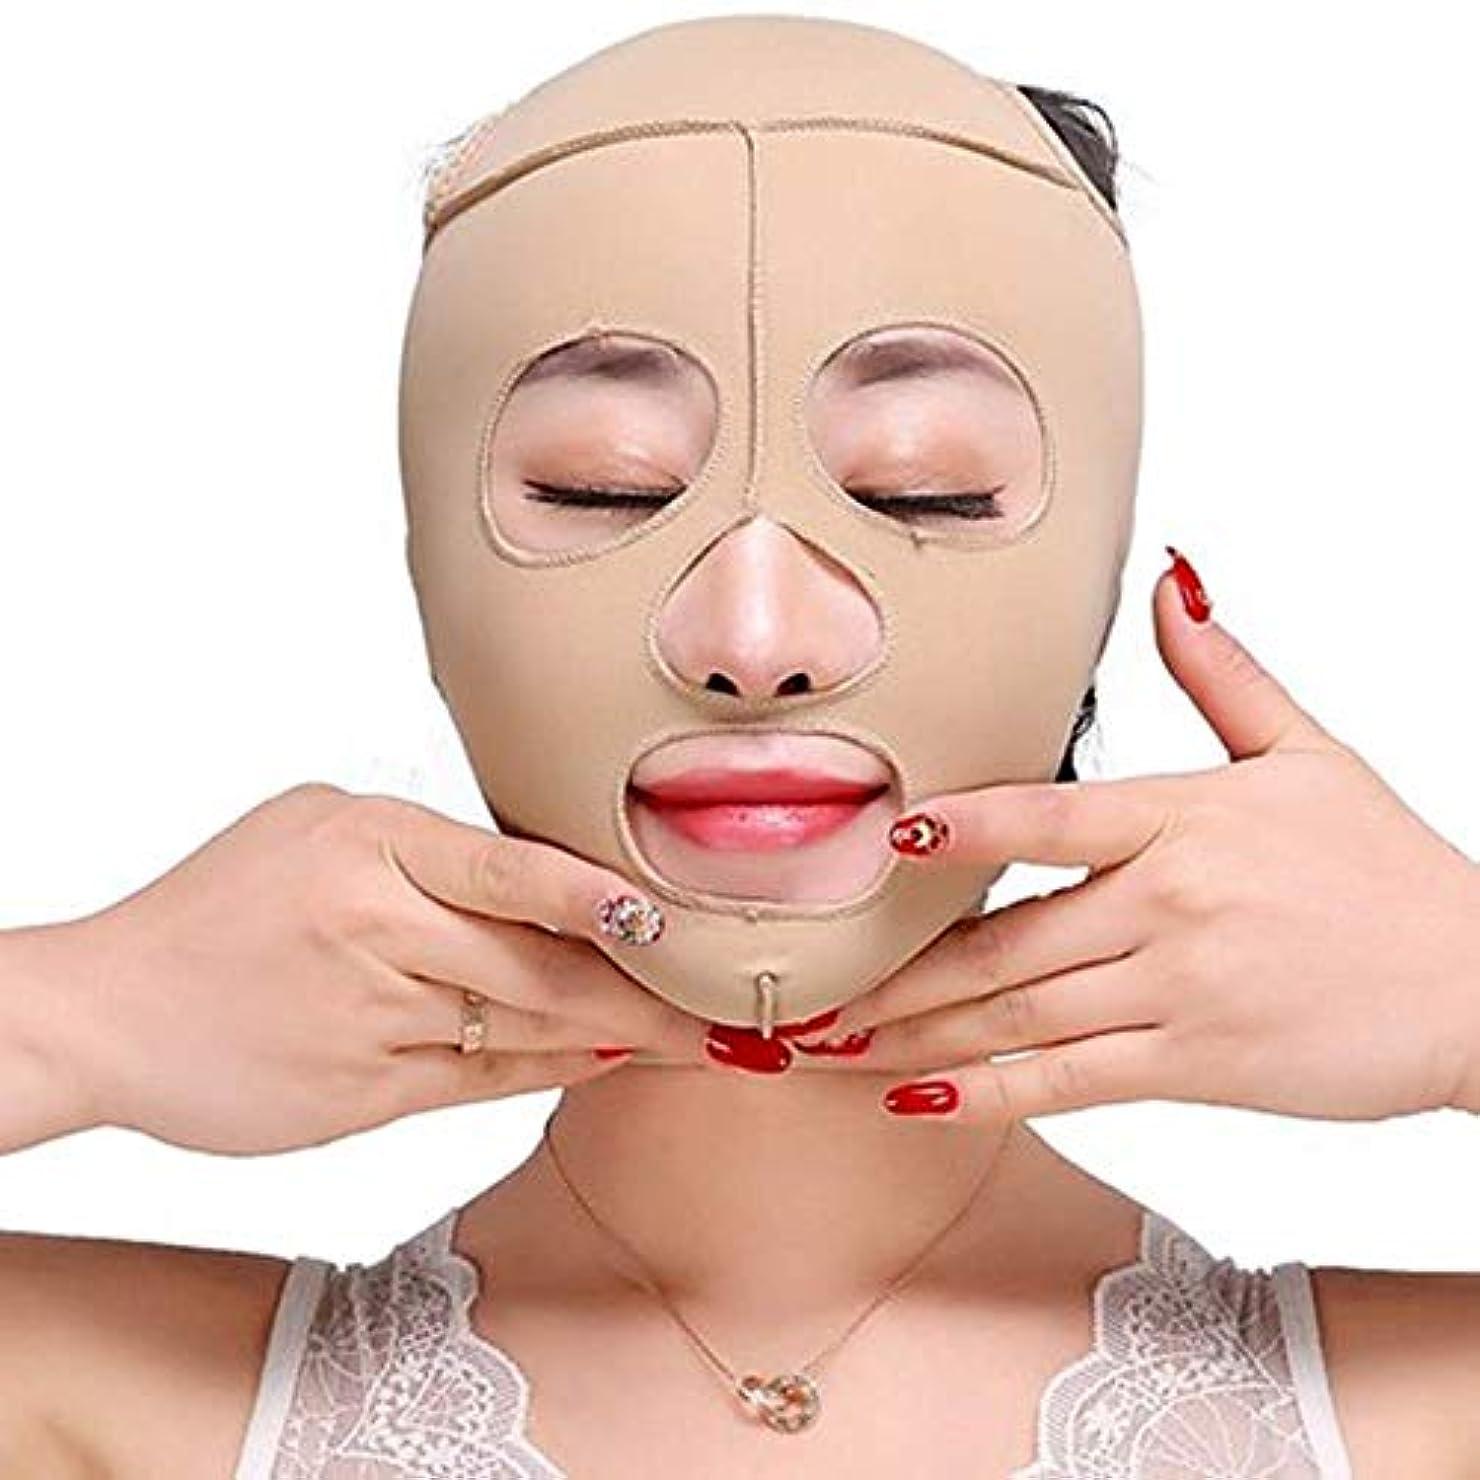 元気体細胞潤滑するVフェイスマスク、フェイシャルフェイスシンフェイスwithダブルチンシンフェイスバンデージ(サイズ:L)